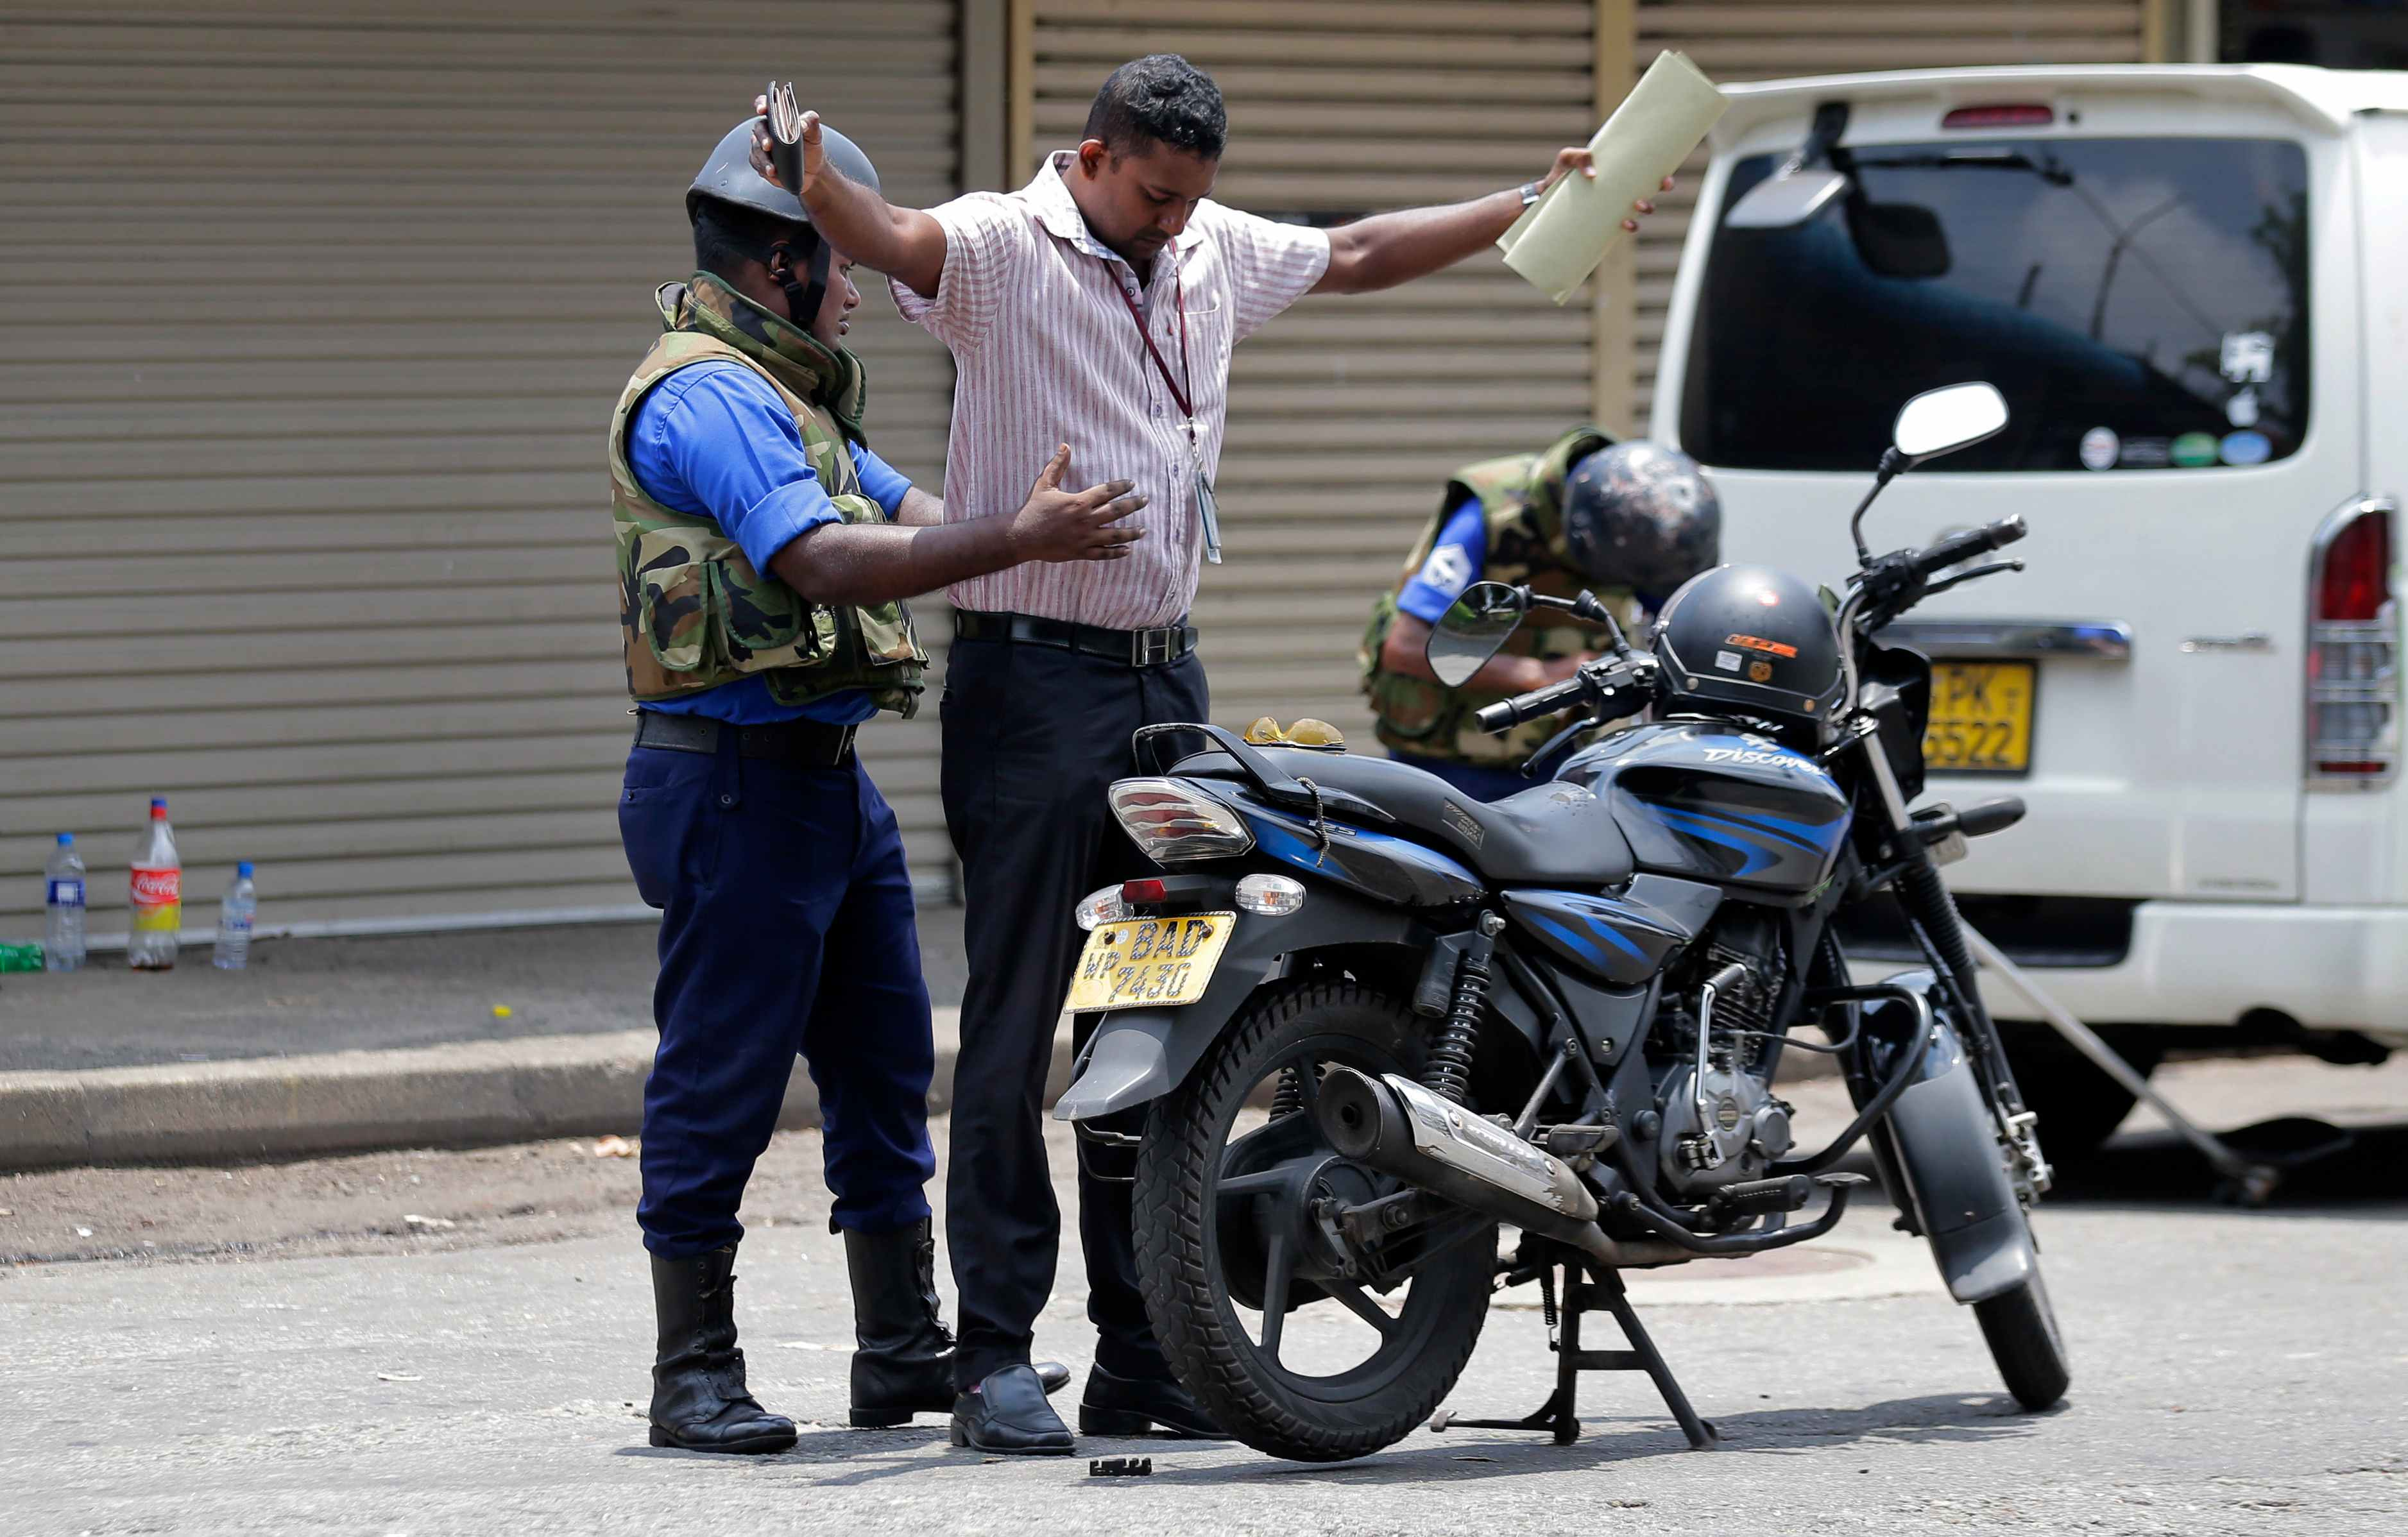 斯里兰卡爆炸案已致350多人遇难 军警在街头进行严格安检